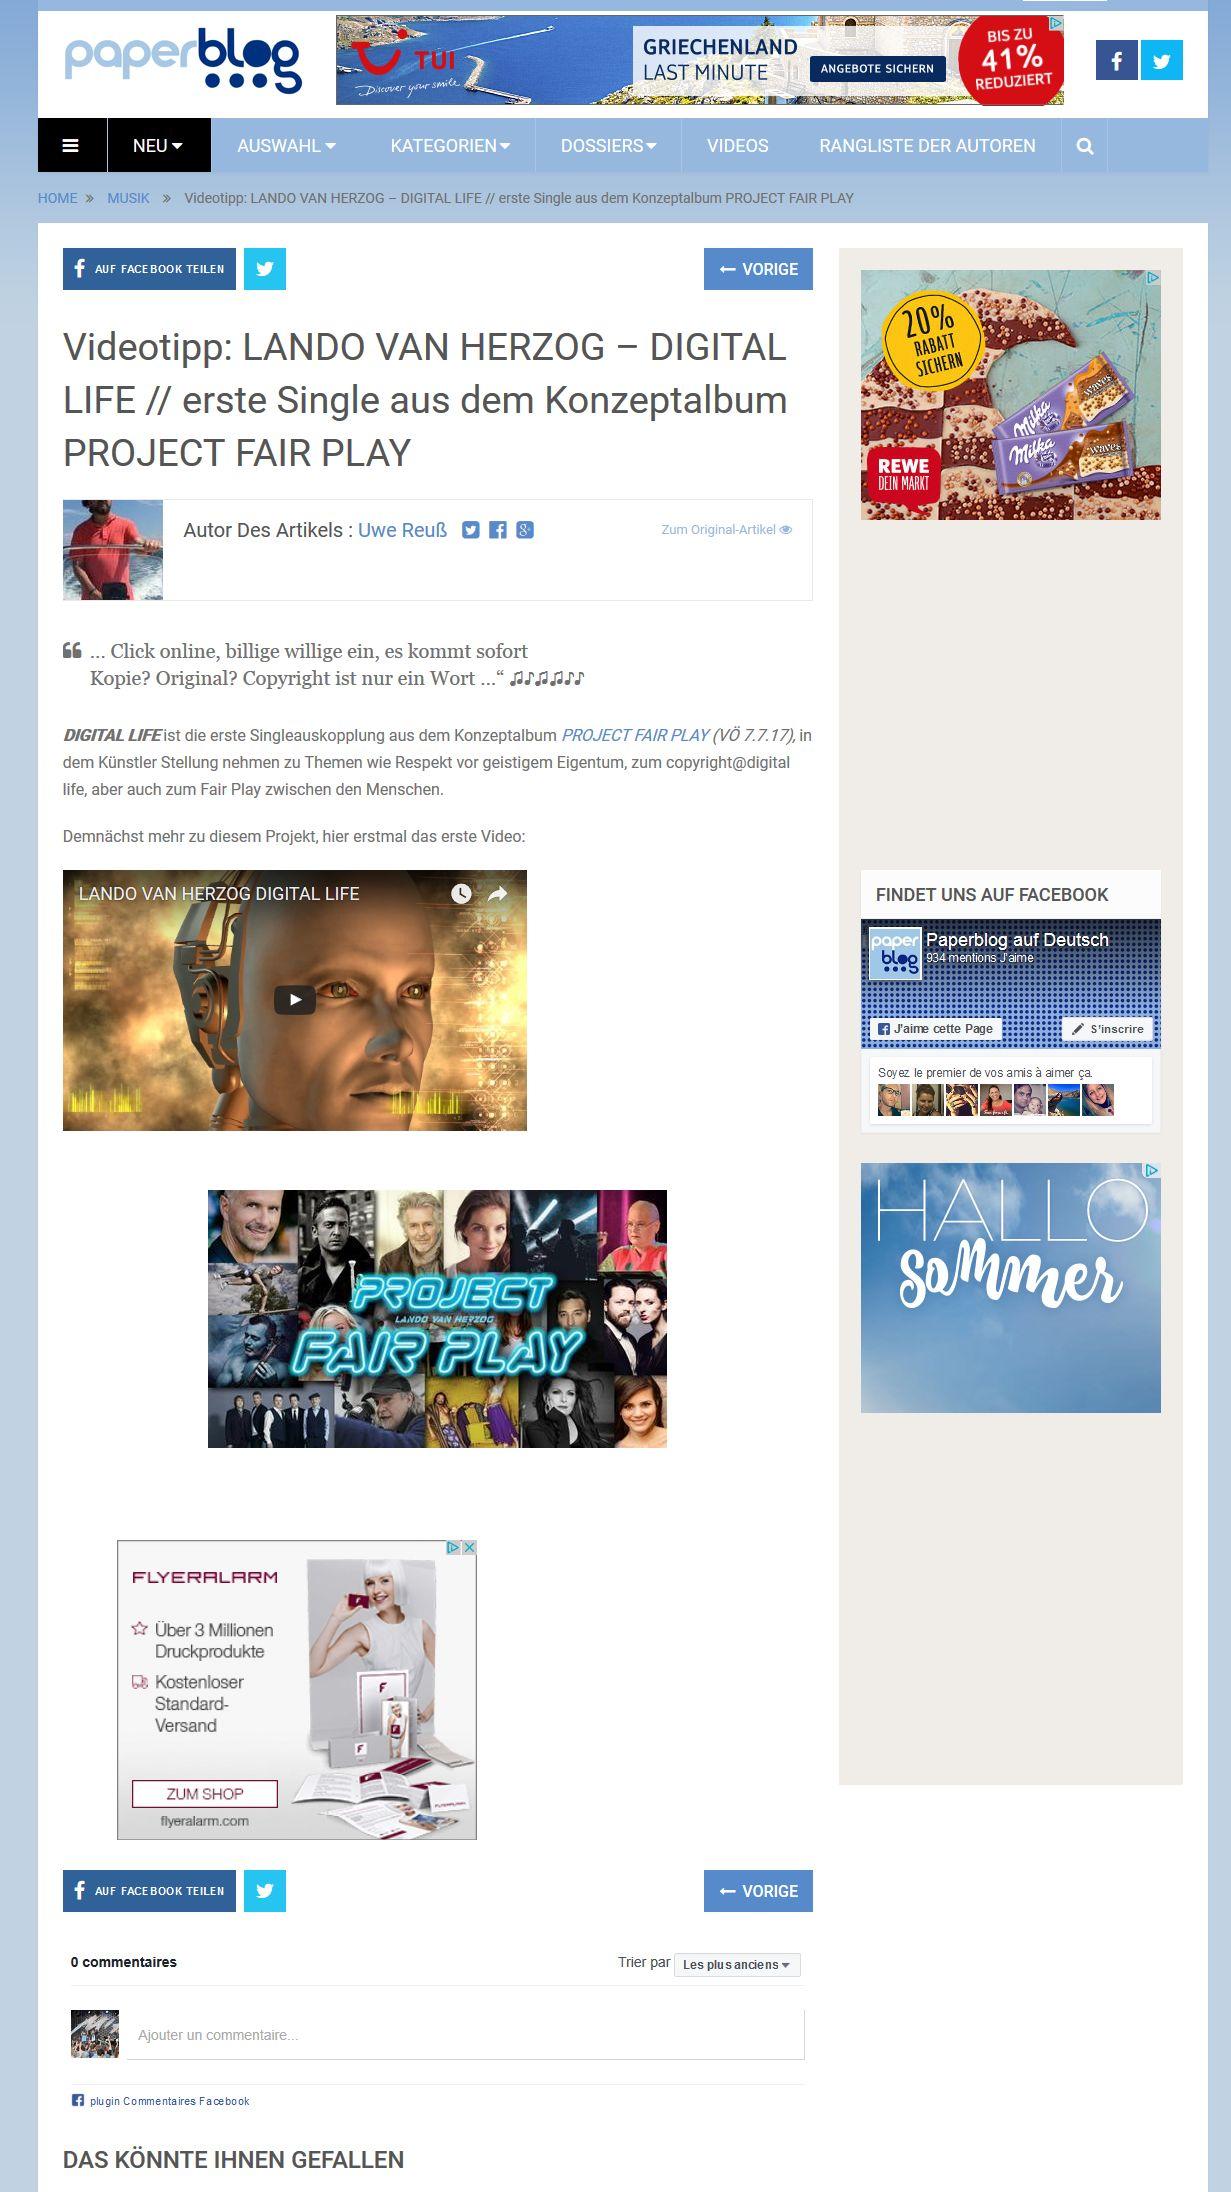 paperblog.com